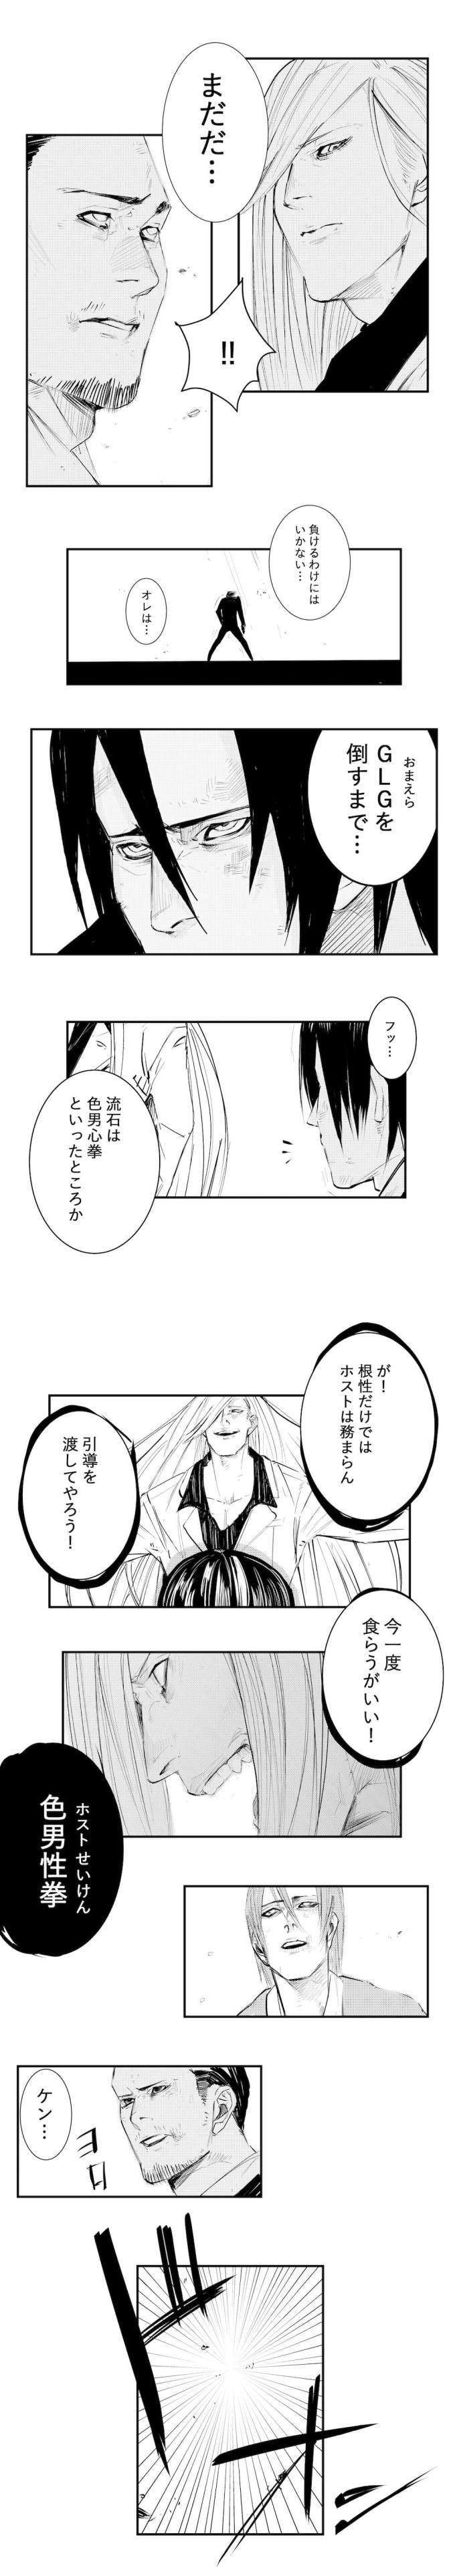 ホスト4話 9